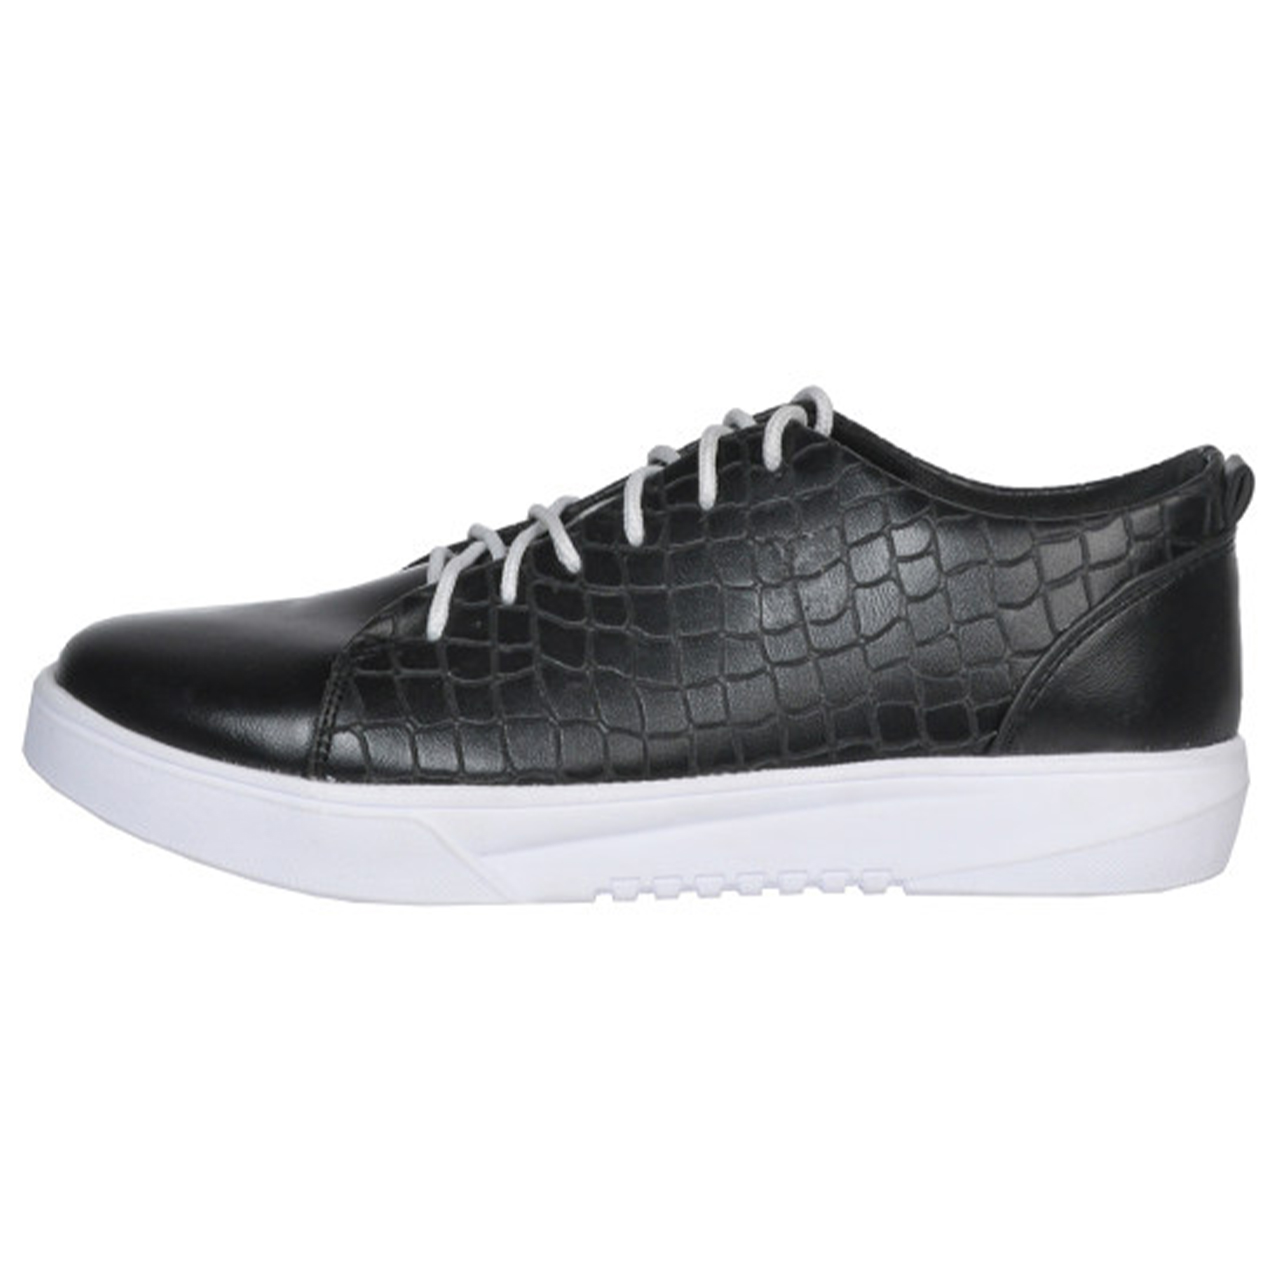 کفش روزمره مردانه کد N5480s